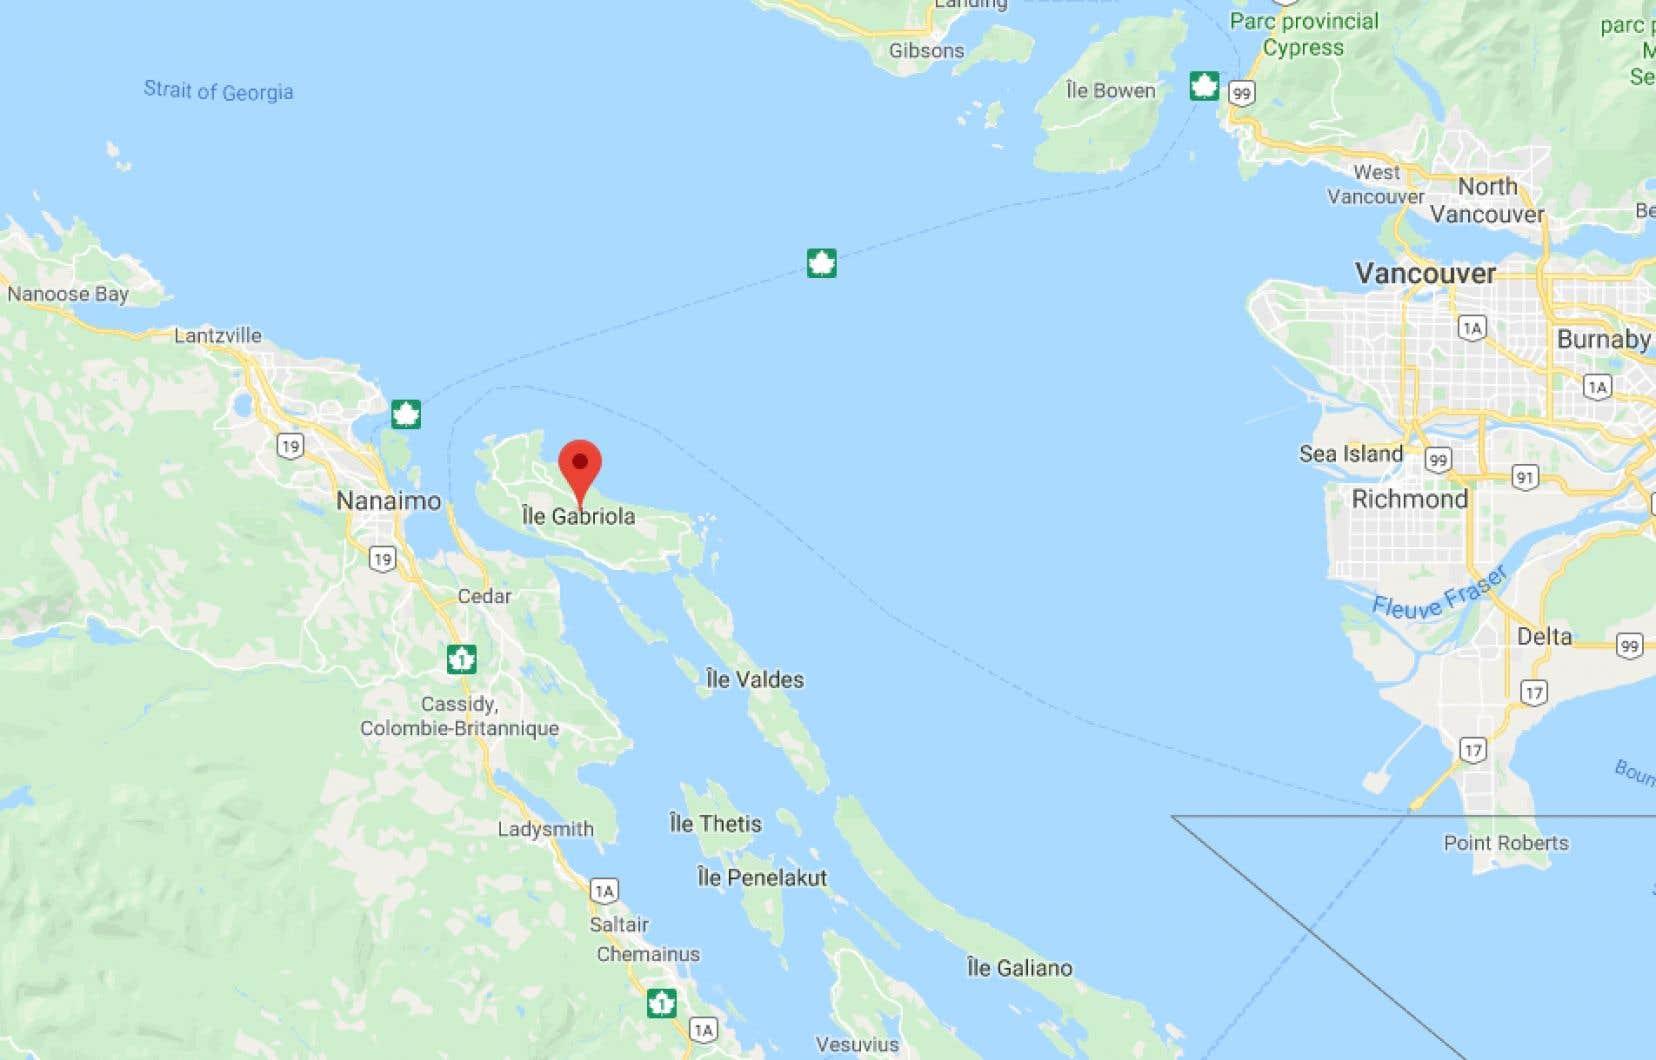 L'accident s'est produit vers 18h30, mardi, sur l'île Gabriola dans le détroit de Géorgie, face à la ville de Nanaimo.